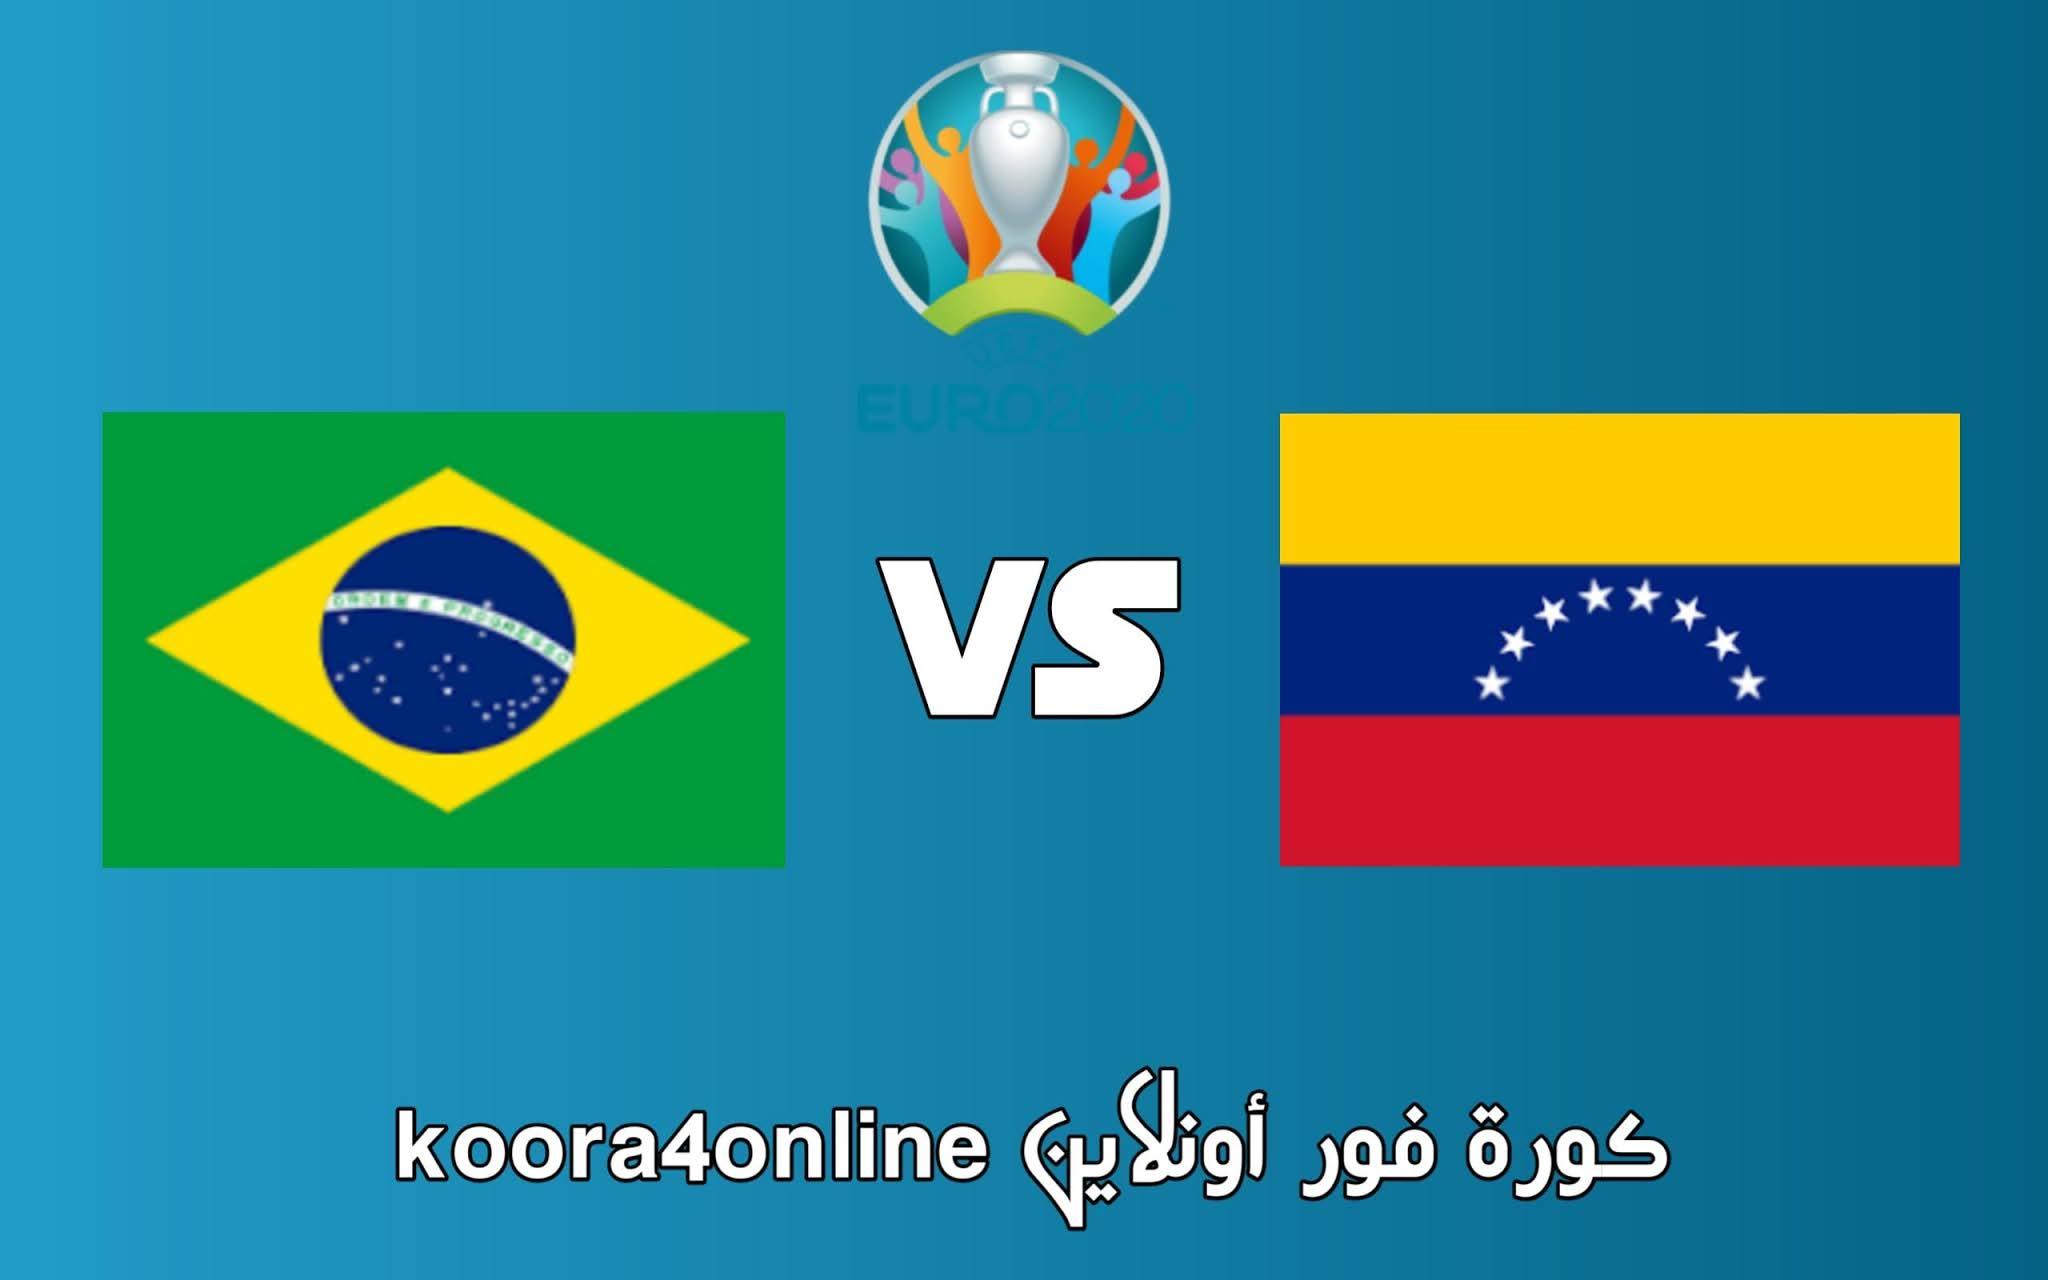 مشاهدة مباراة البرازيل و فنزويلا اليوم 13-06-2021 في في كوبا أمريكا